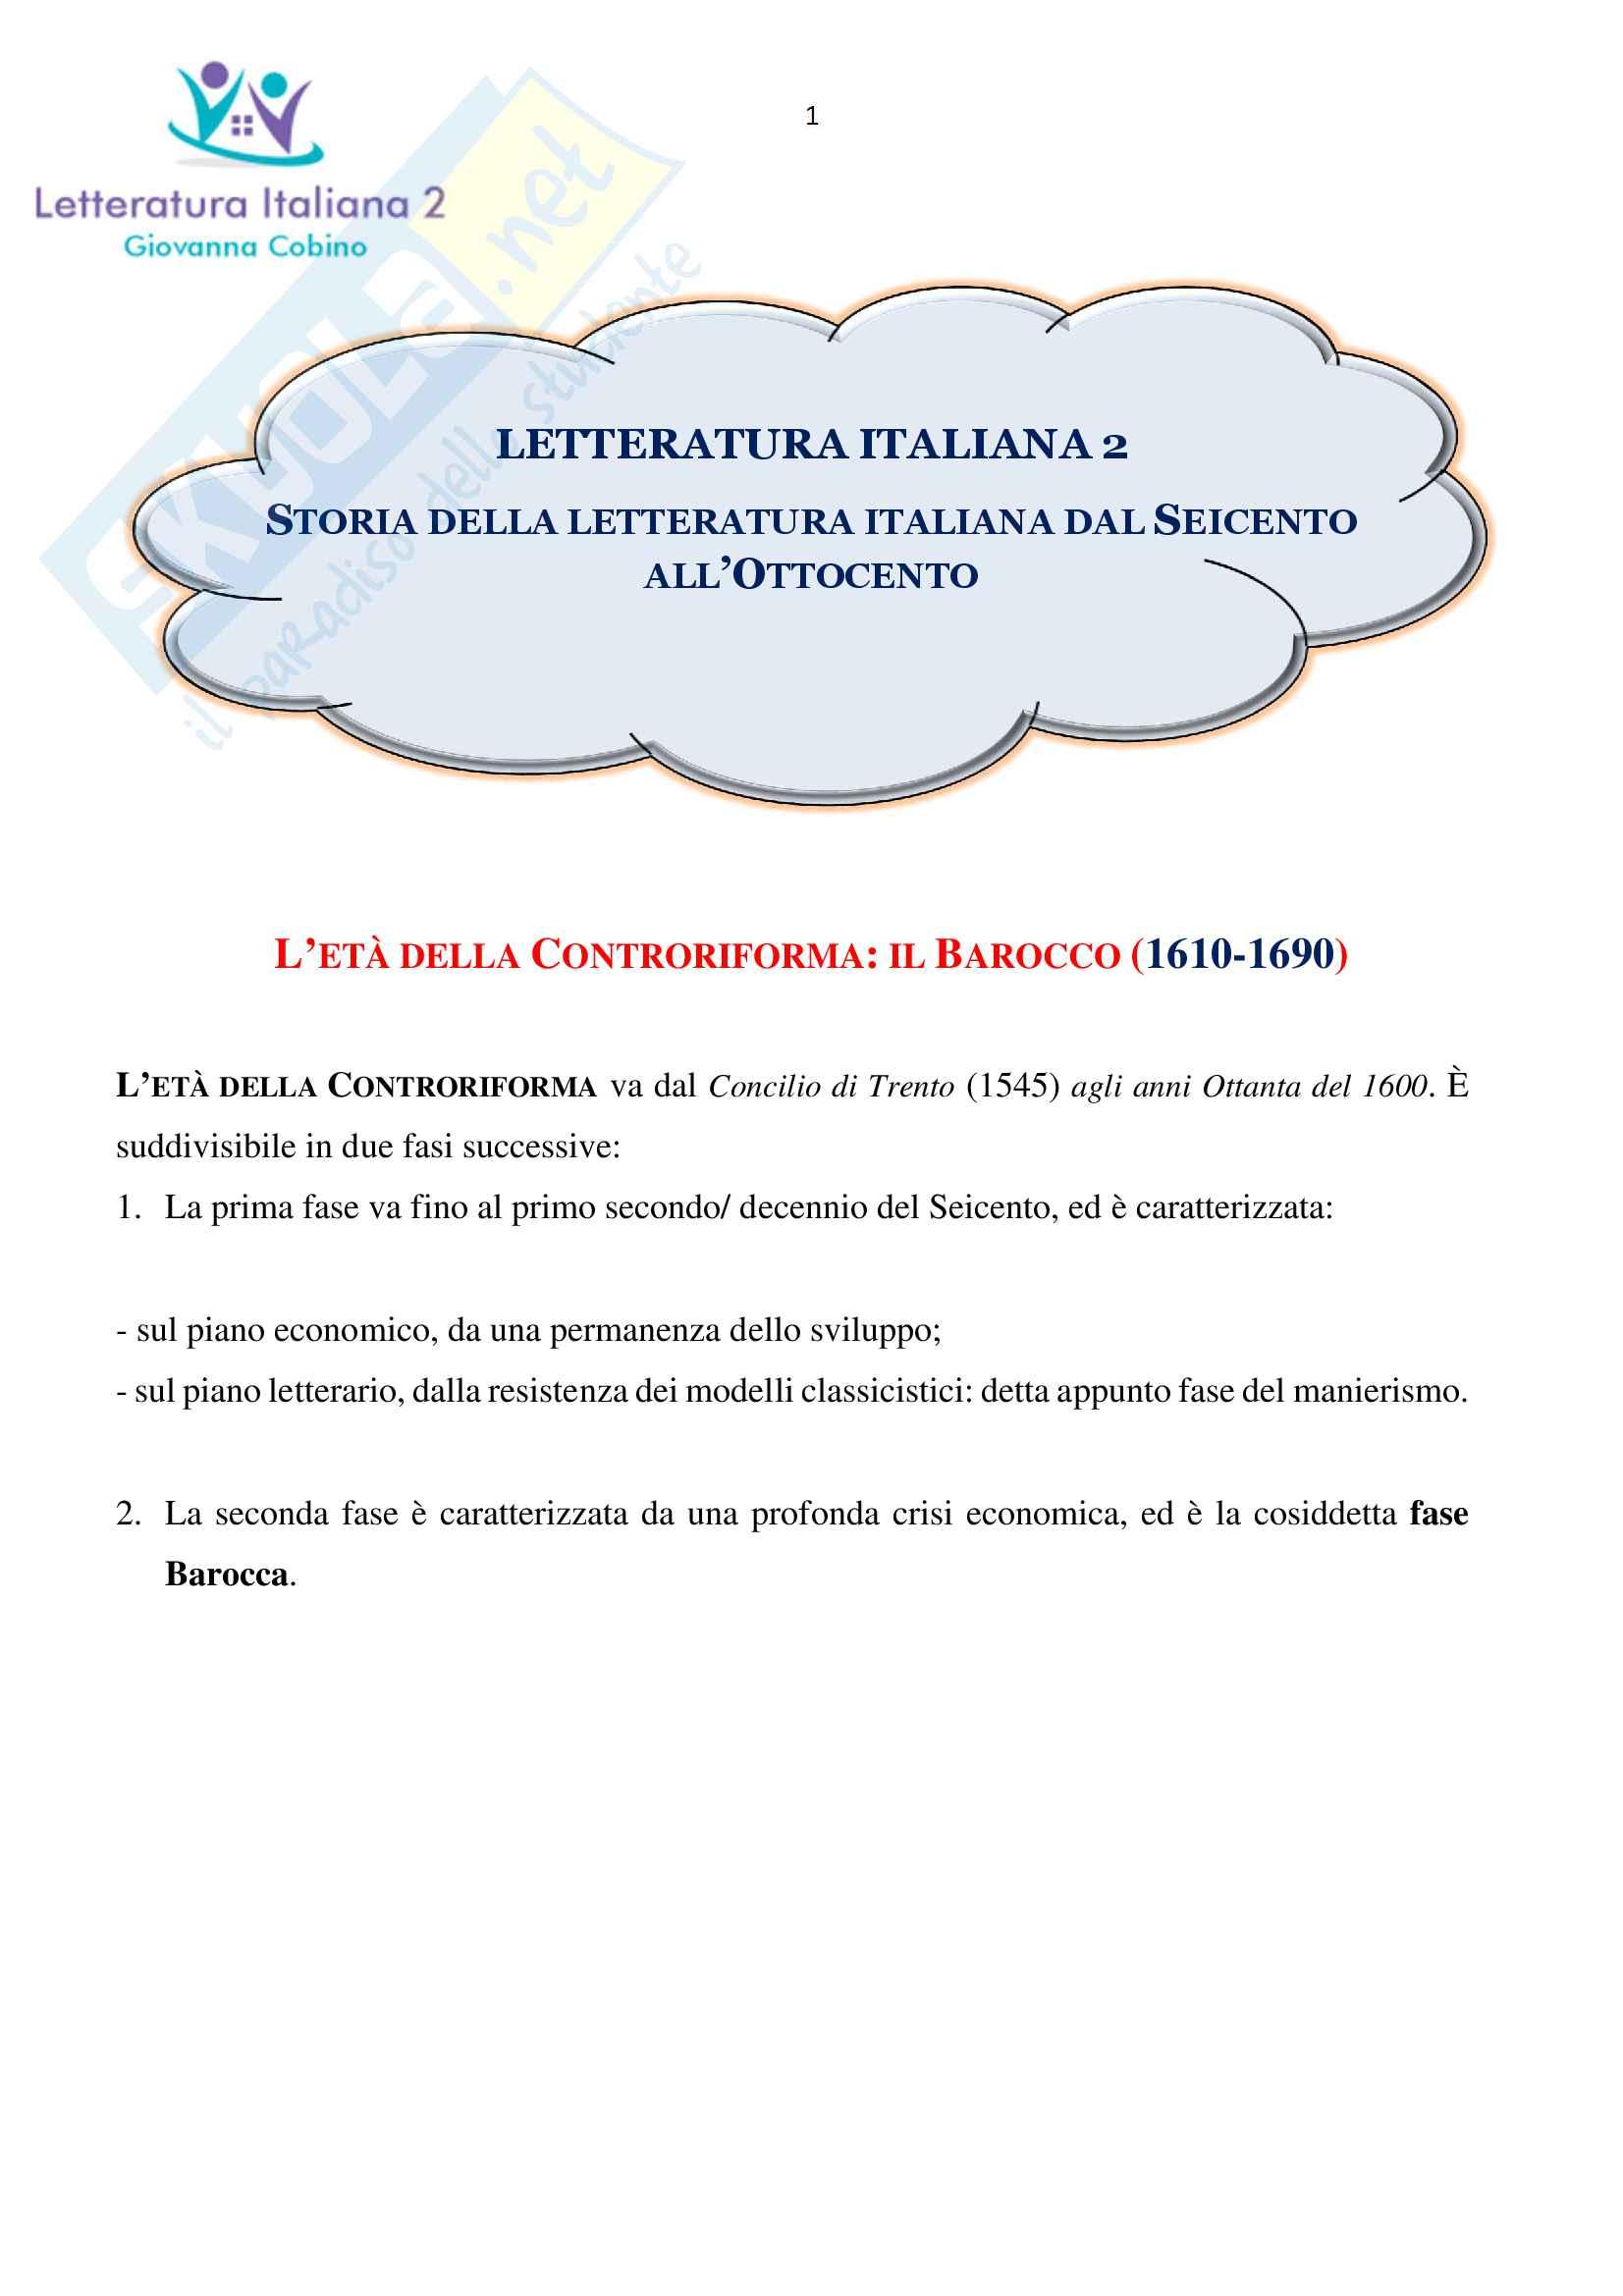 appunto P. Sabbatino Letteratura italiana